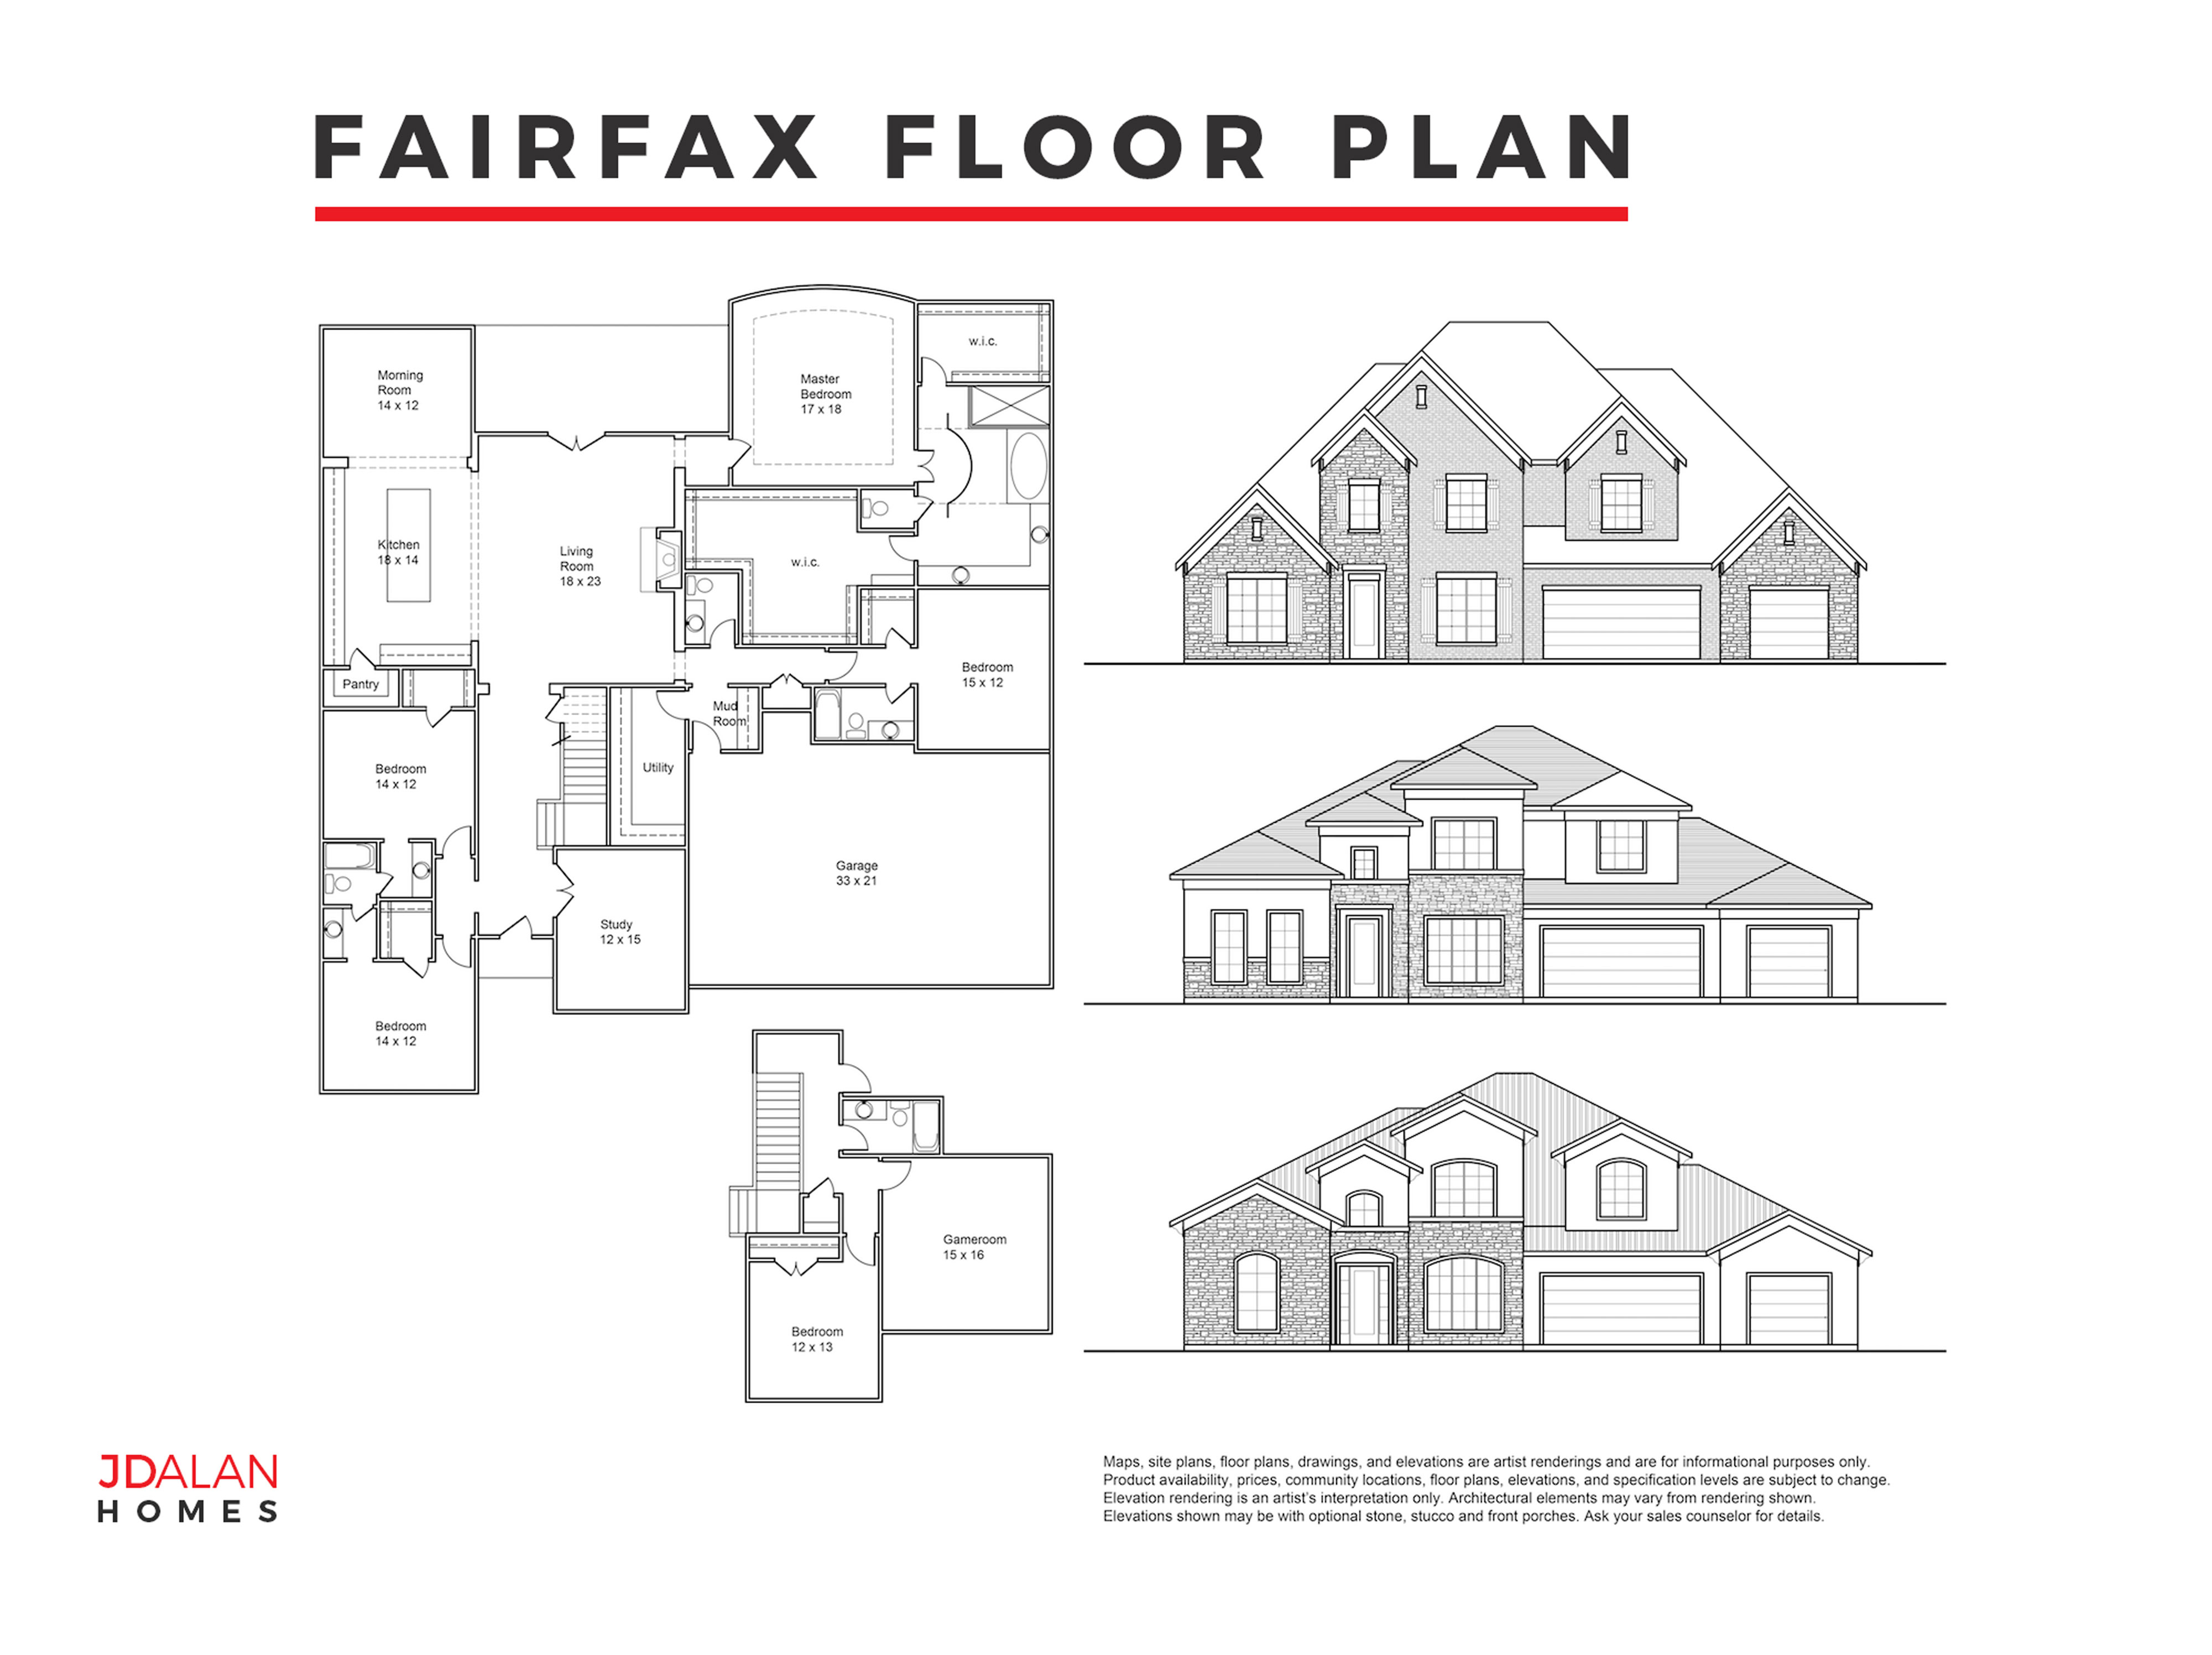 FAIRFAX FLOOR PLAN #4103